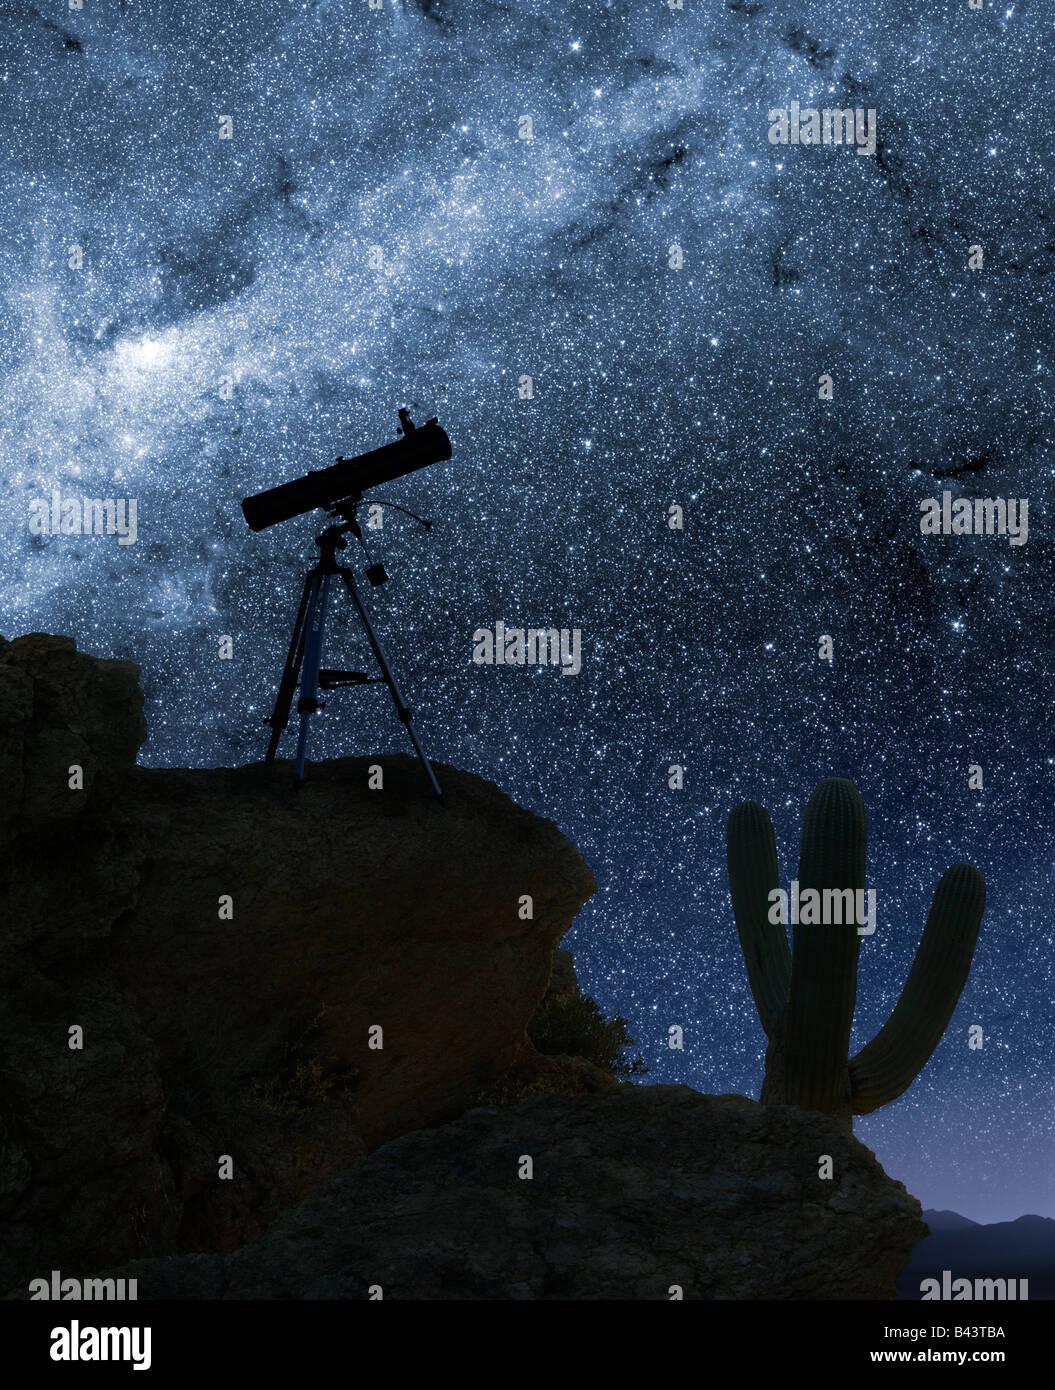 Un télescope pointé sur l'étoile à partir d'un endroit en montagne désert Photo Stock